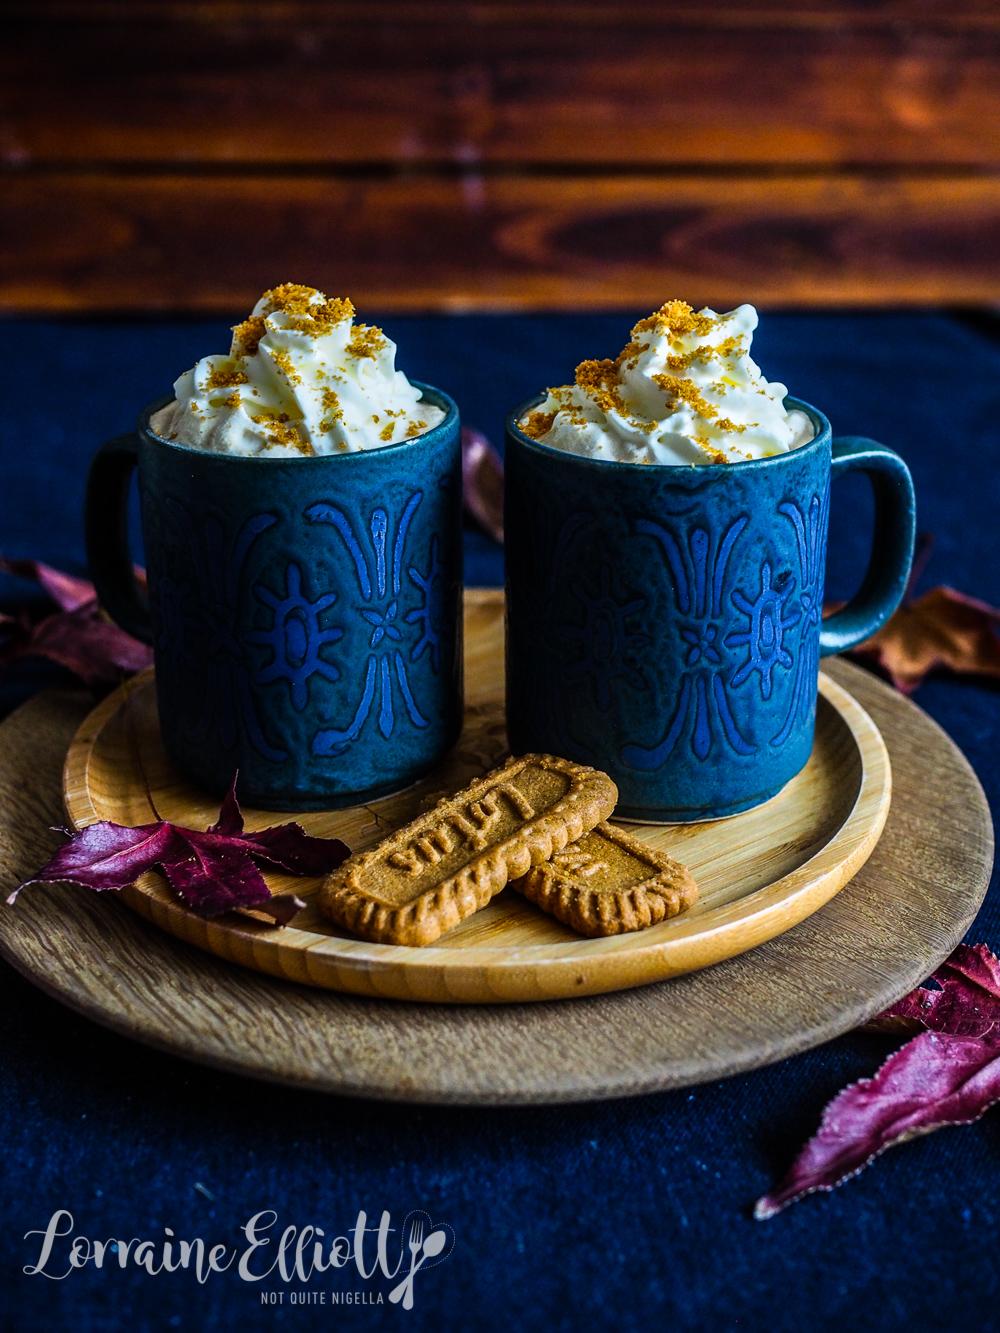 Speculatte aka Speculoos Cafe Latte Drink